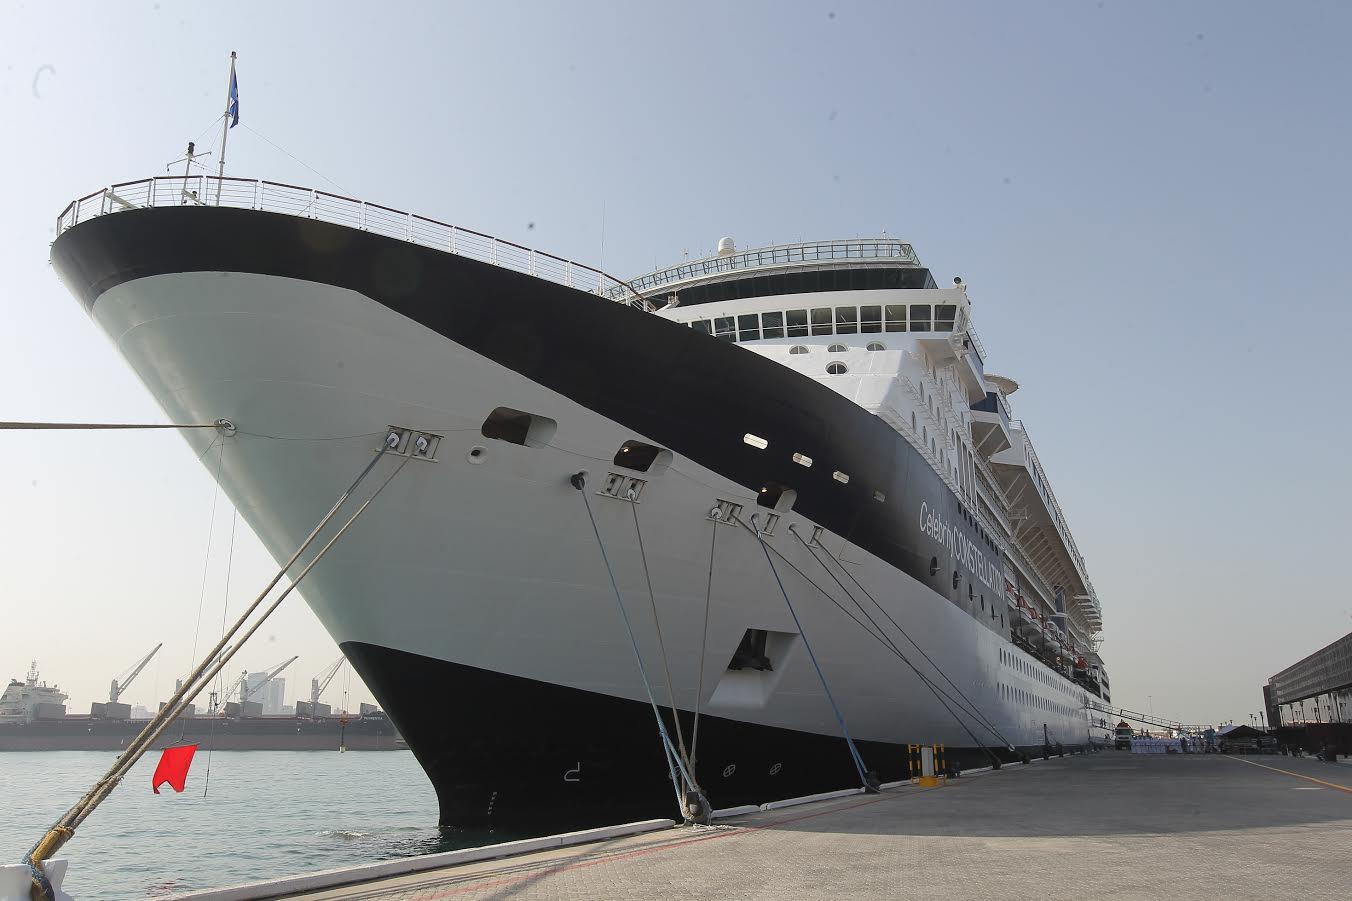 شركة سيليبريتي كروزس تطلق أول رحلتها من العاصمة الإماراتية أبوظبي